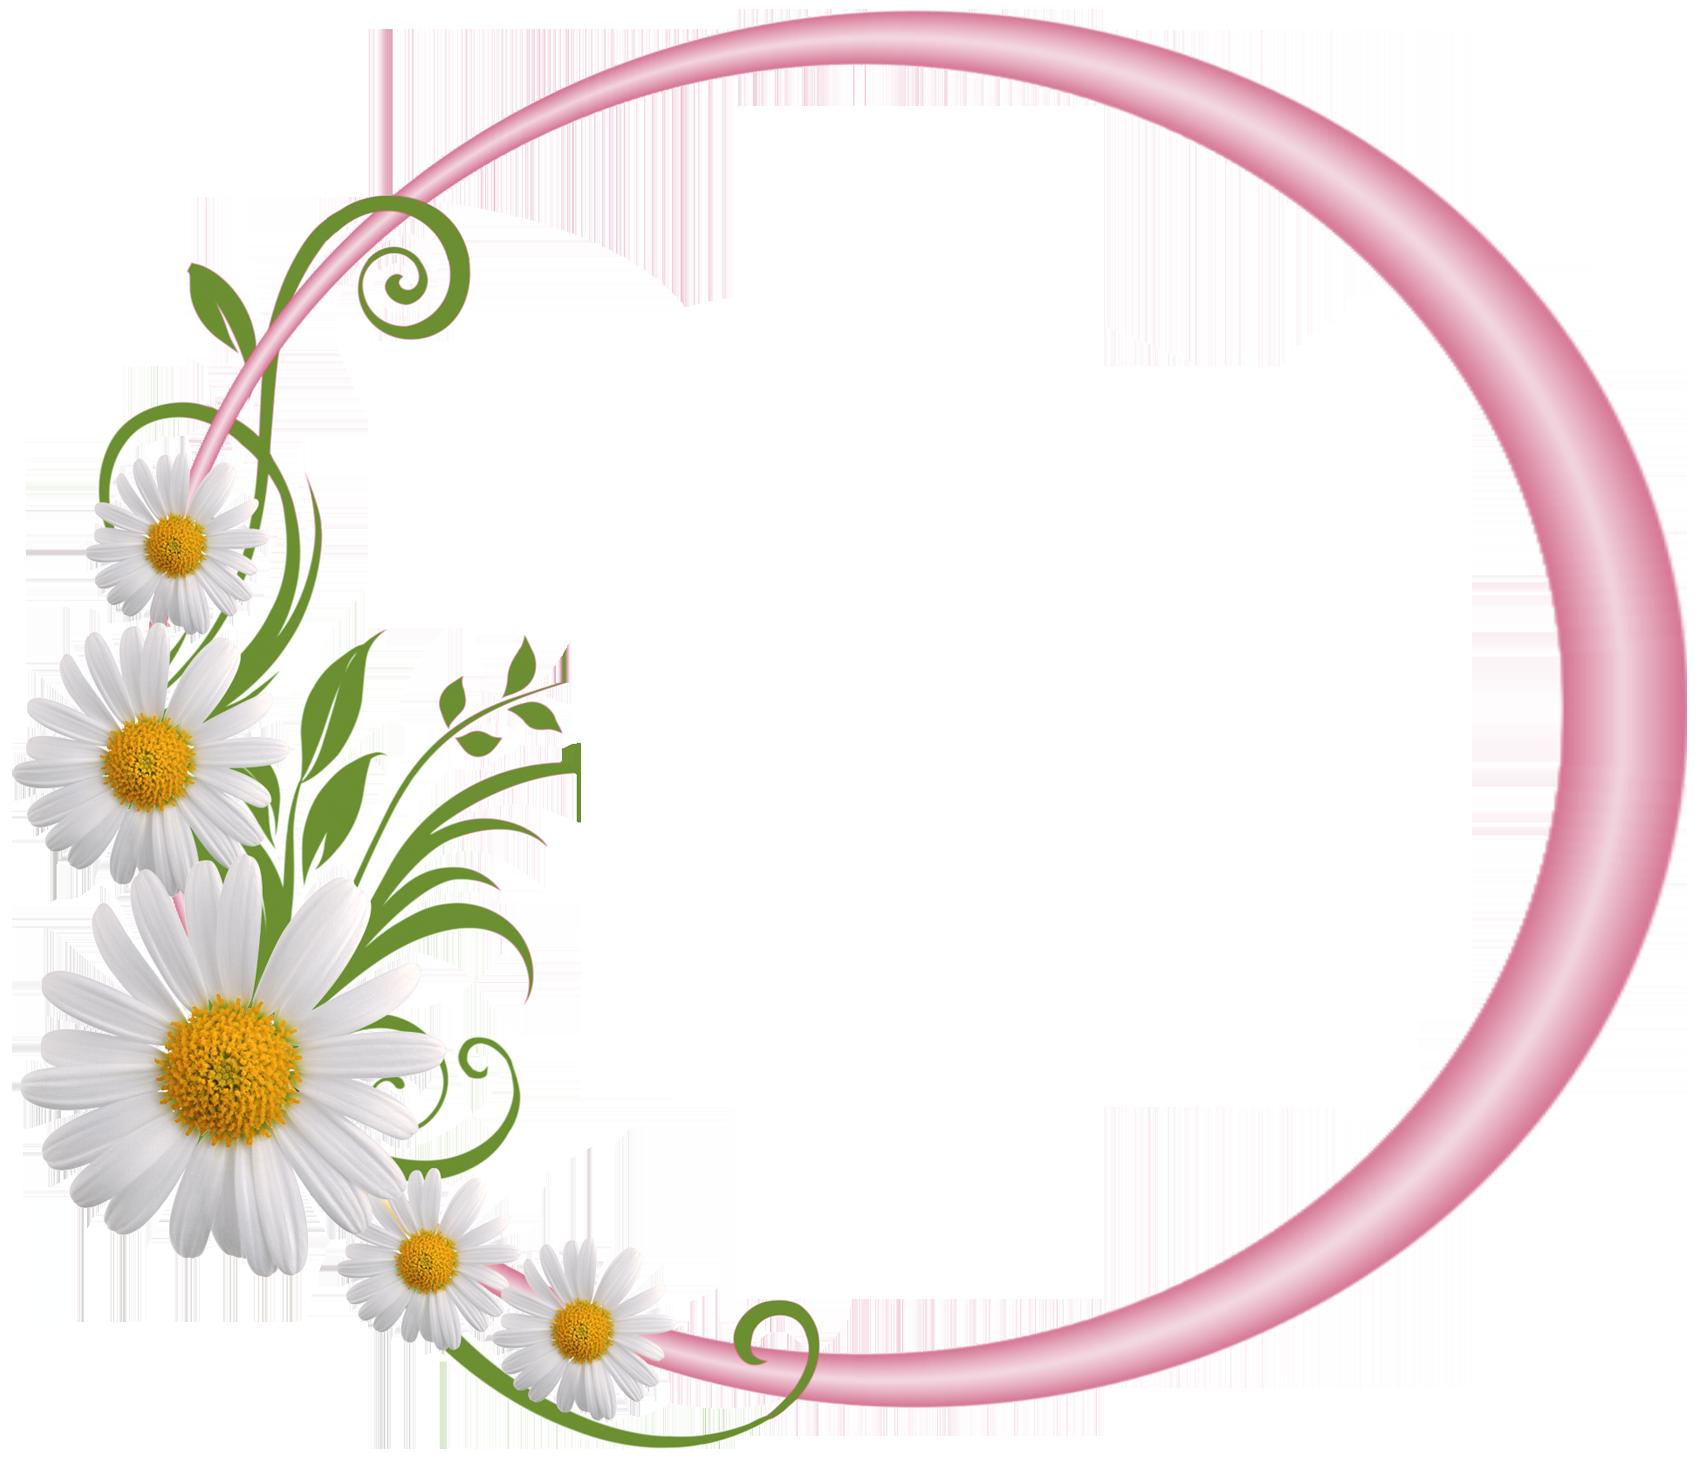 Floral Frame PNG Images Transparent Free Download.